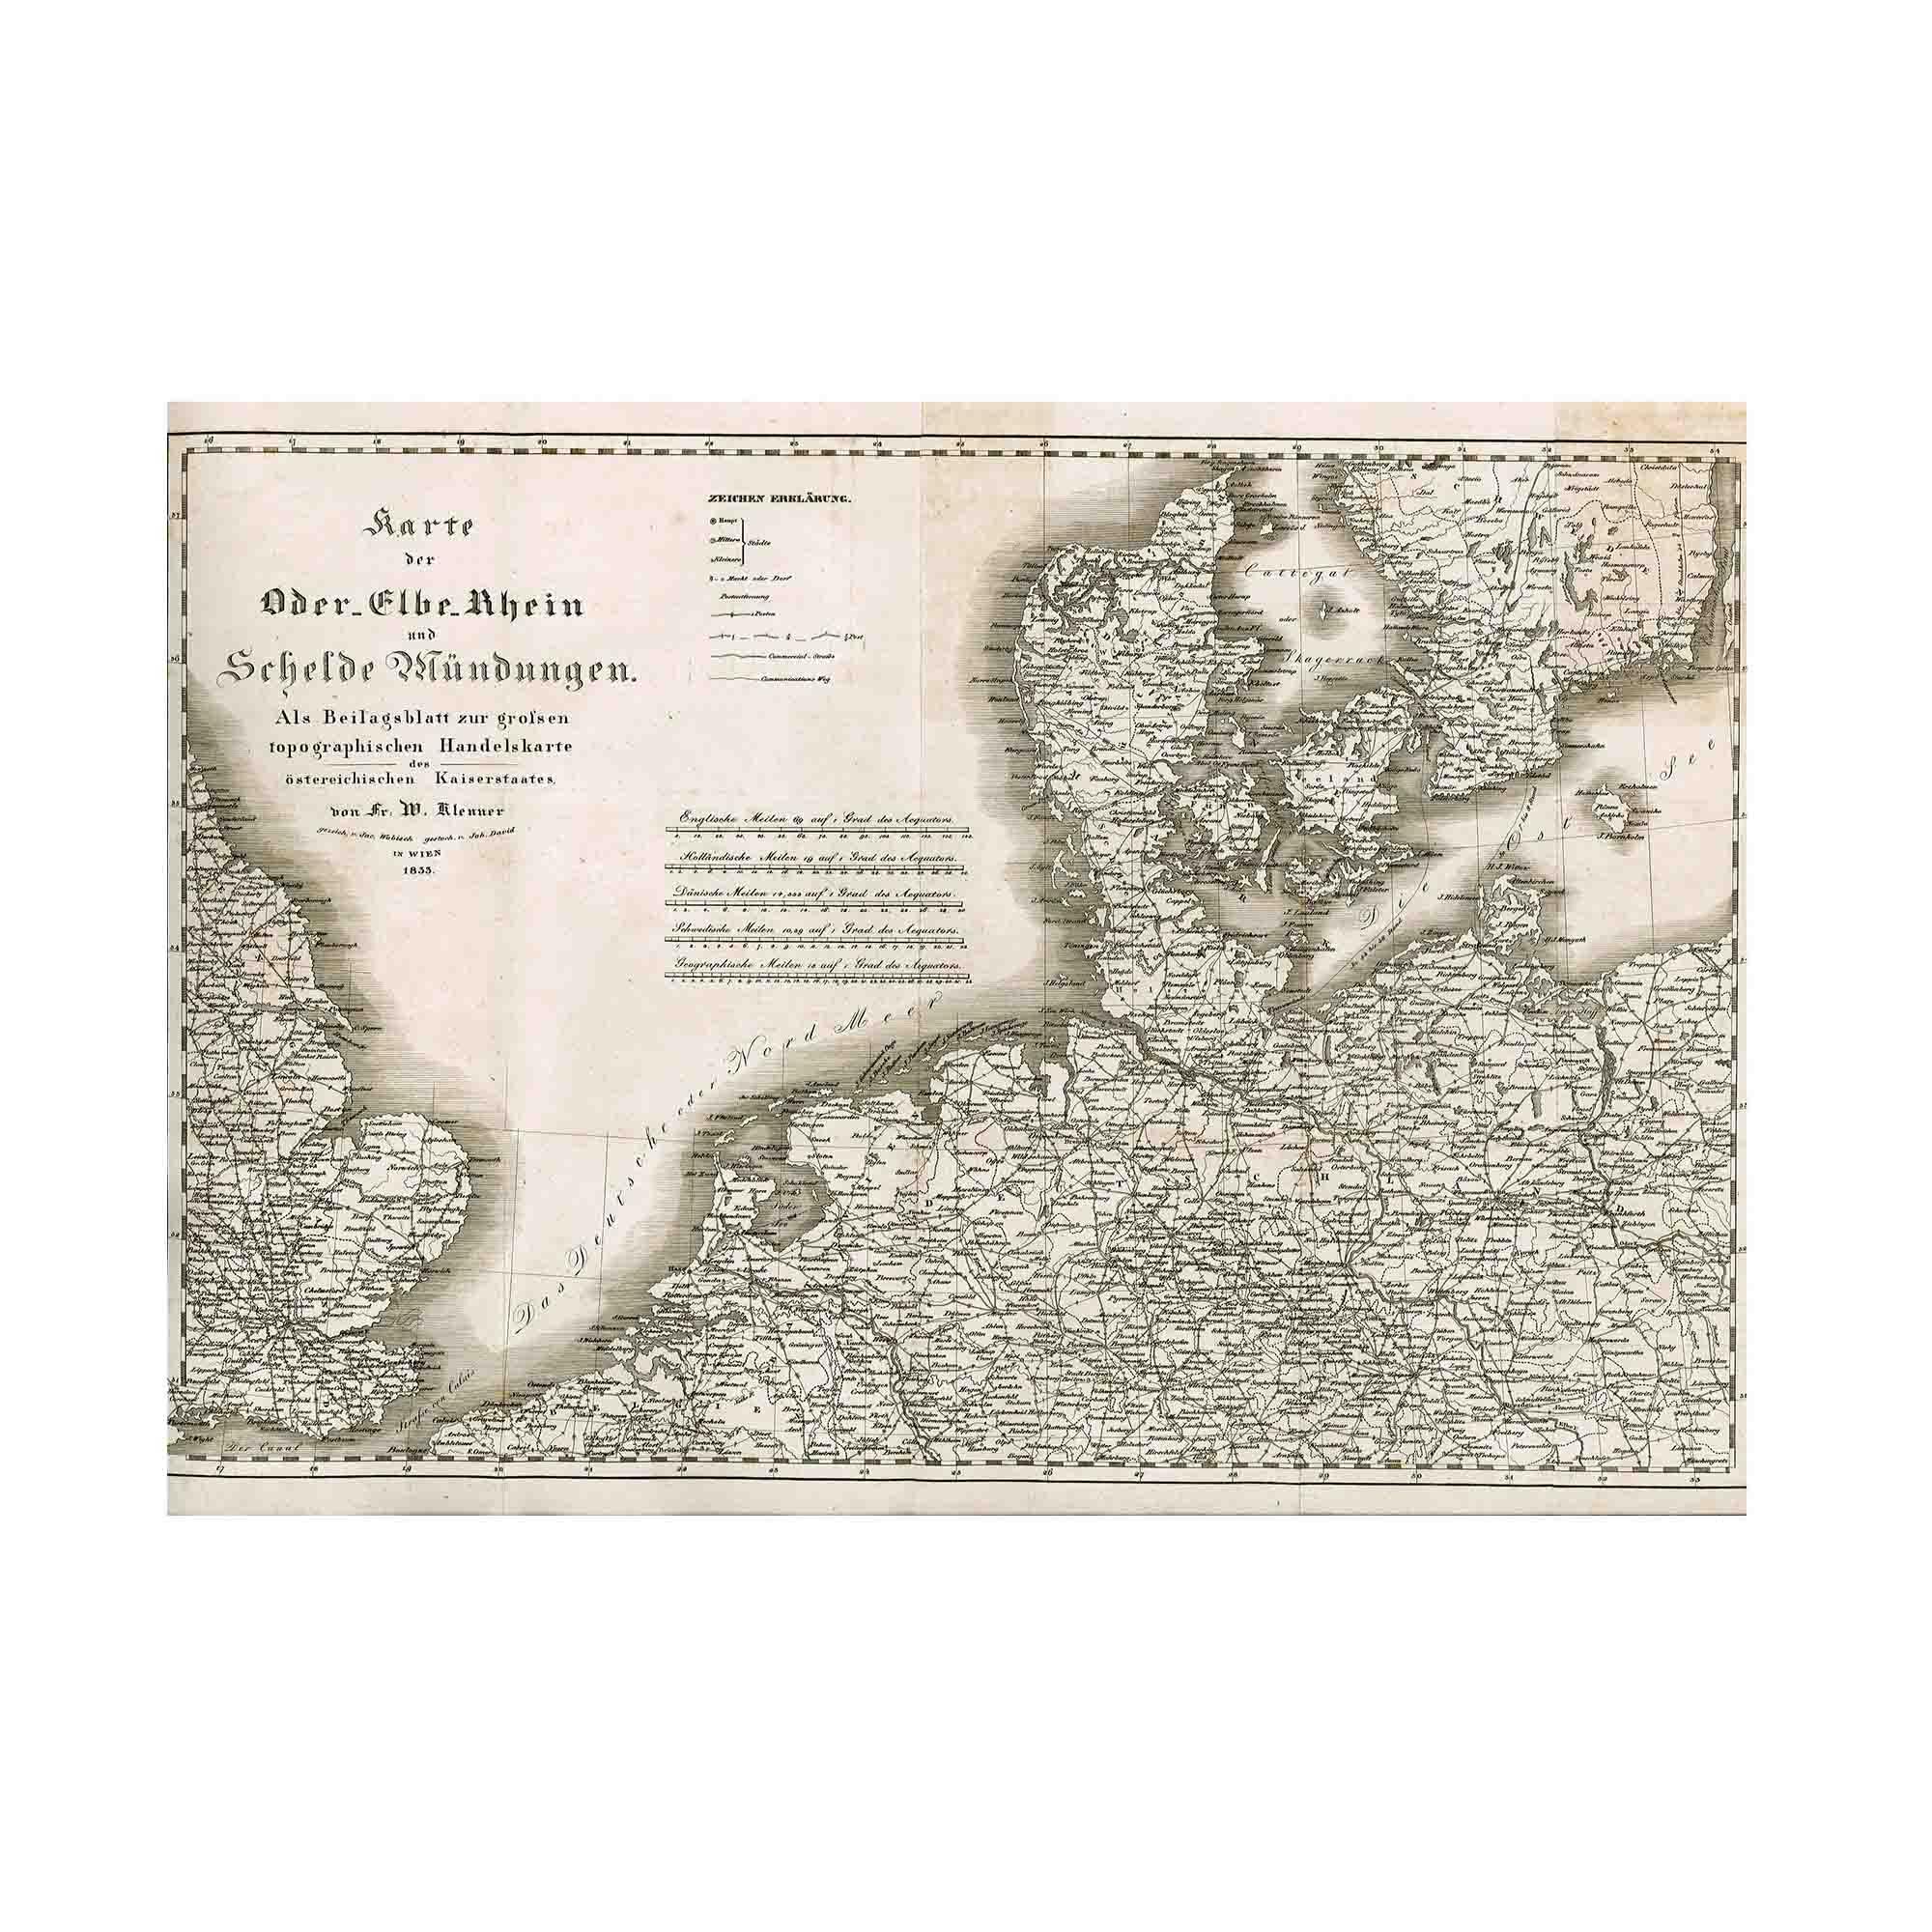 14-Klenner-Handelskarte-1833-N.jpg